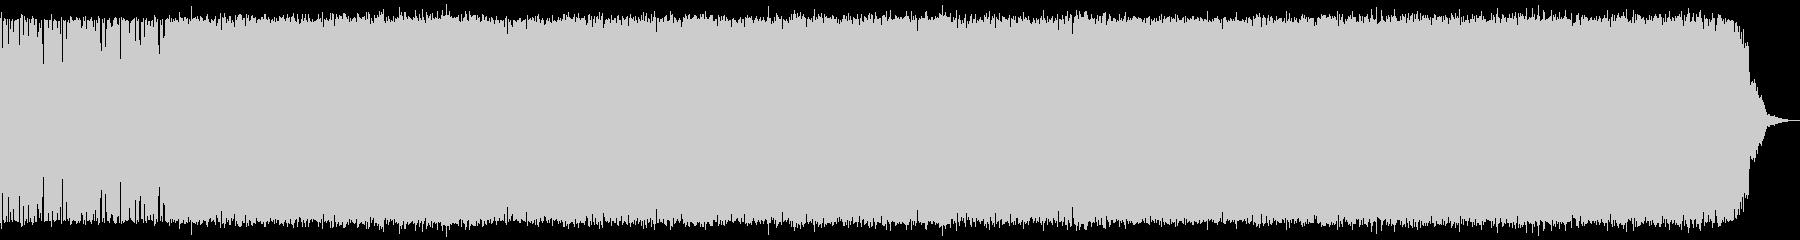 アップテンポの中二病ロックラブソングの未再生の波形